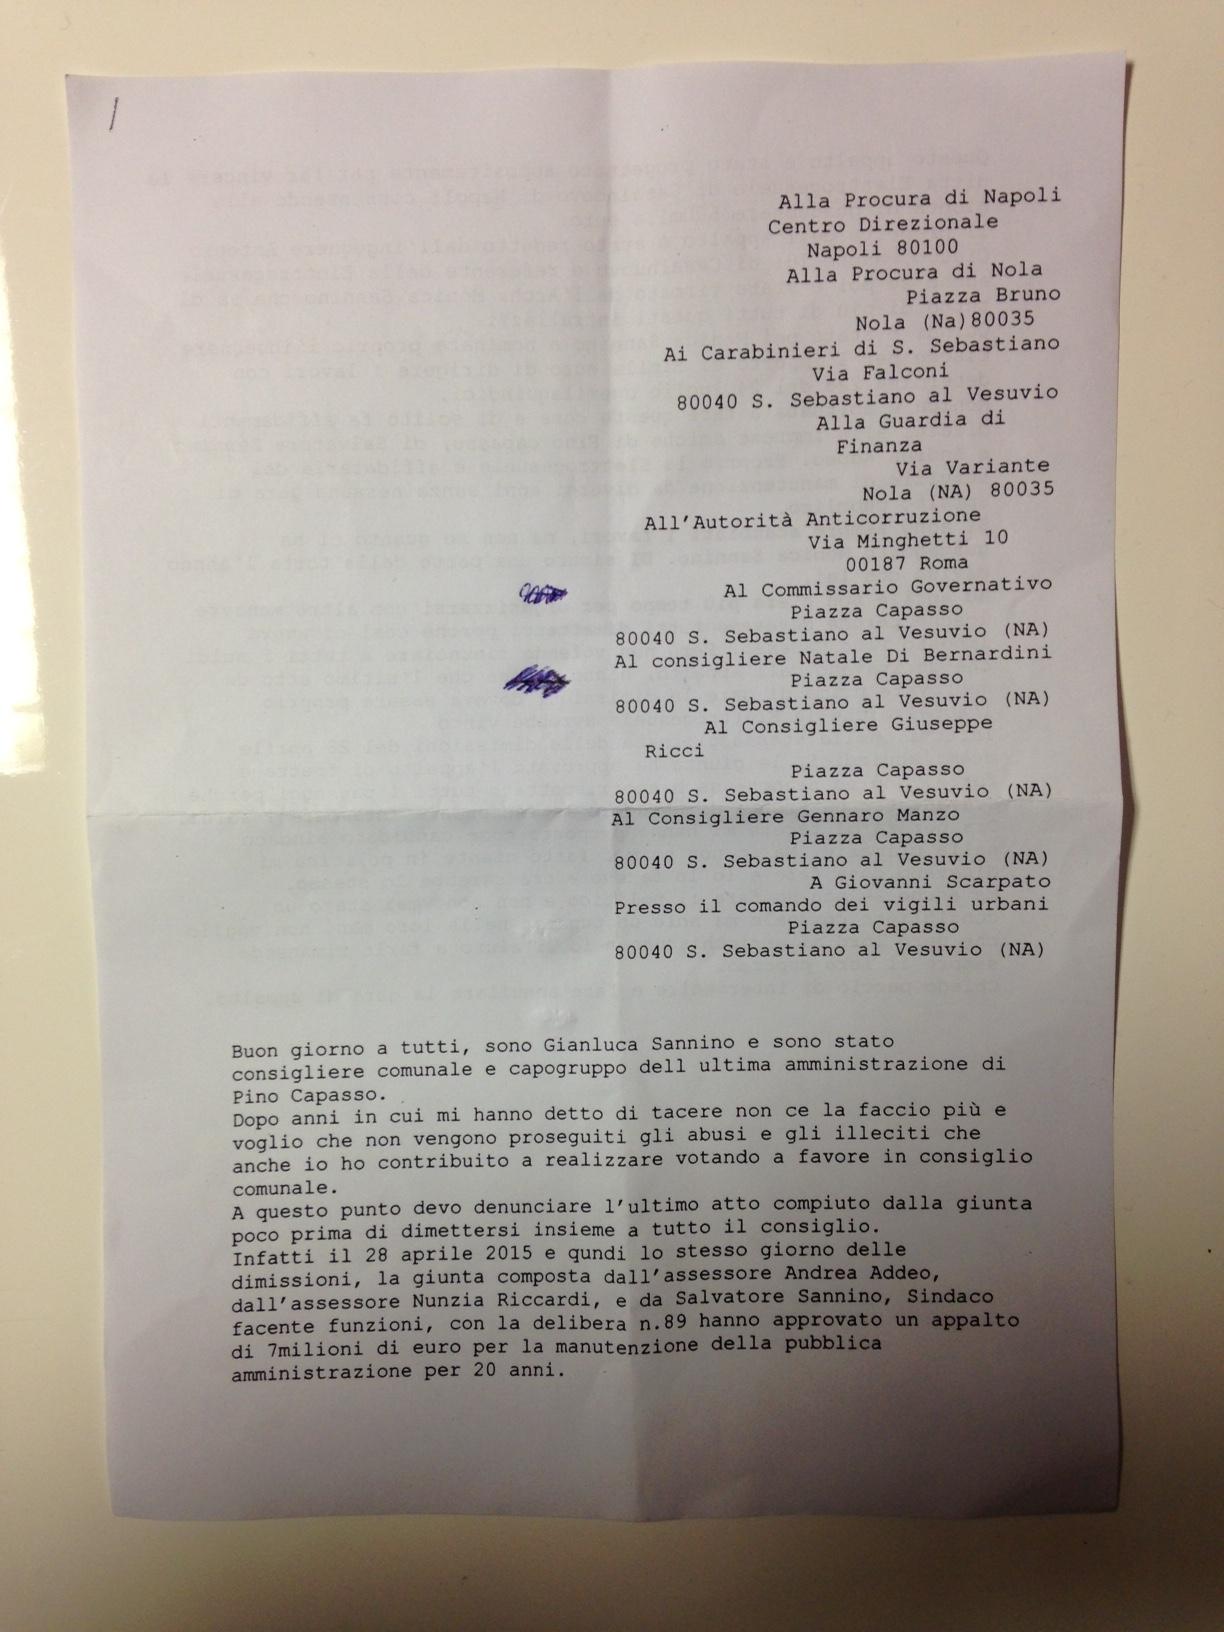 Lettera anonima a Procura e Carabinieri, il Commissario Santoriello sospende la gara per la pubblica illuminazione da 7 milioni di euro